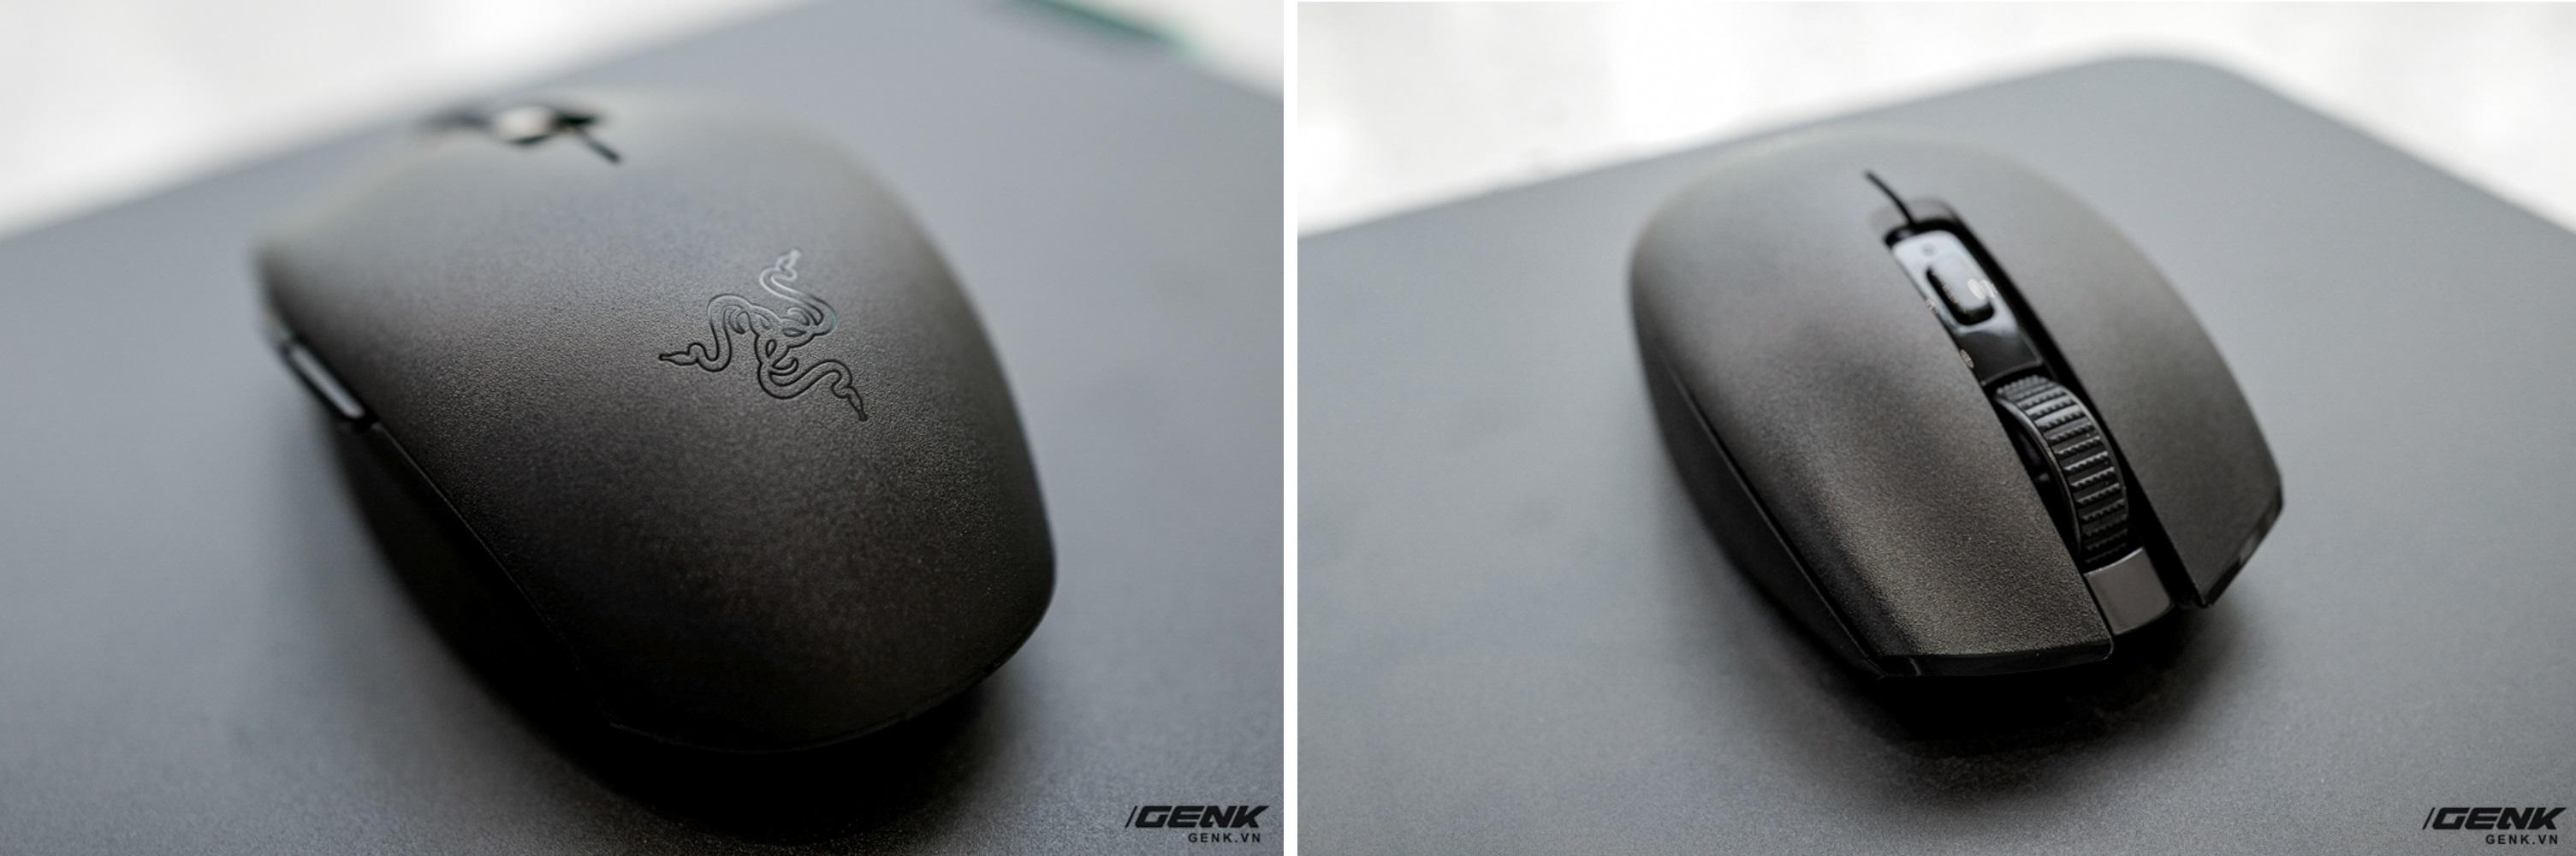 Trên tay chuột không dây Razer Orochi V2: Chuột không dây nhẹ chỉ 60g, pin dùng đến 950 tiếng, giá 1,49 triệu đồng - Ảnh 2.